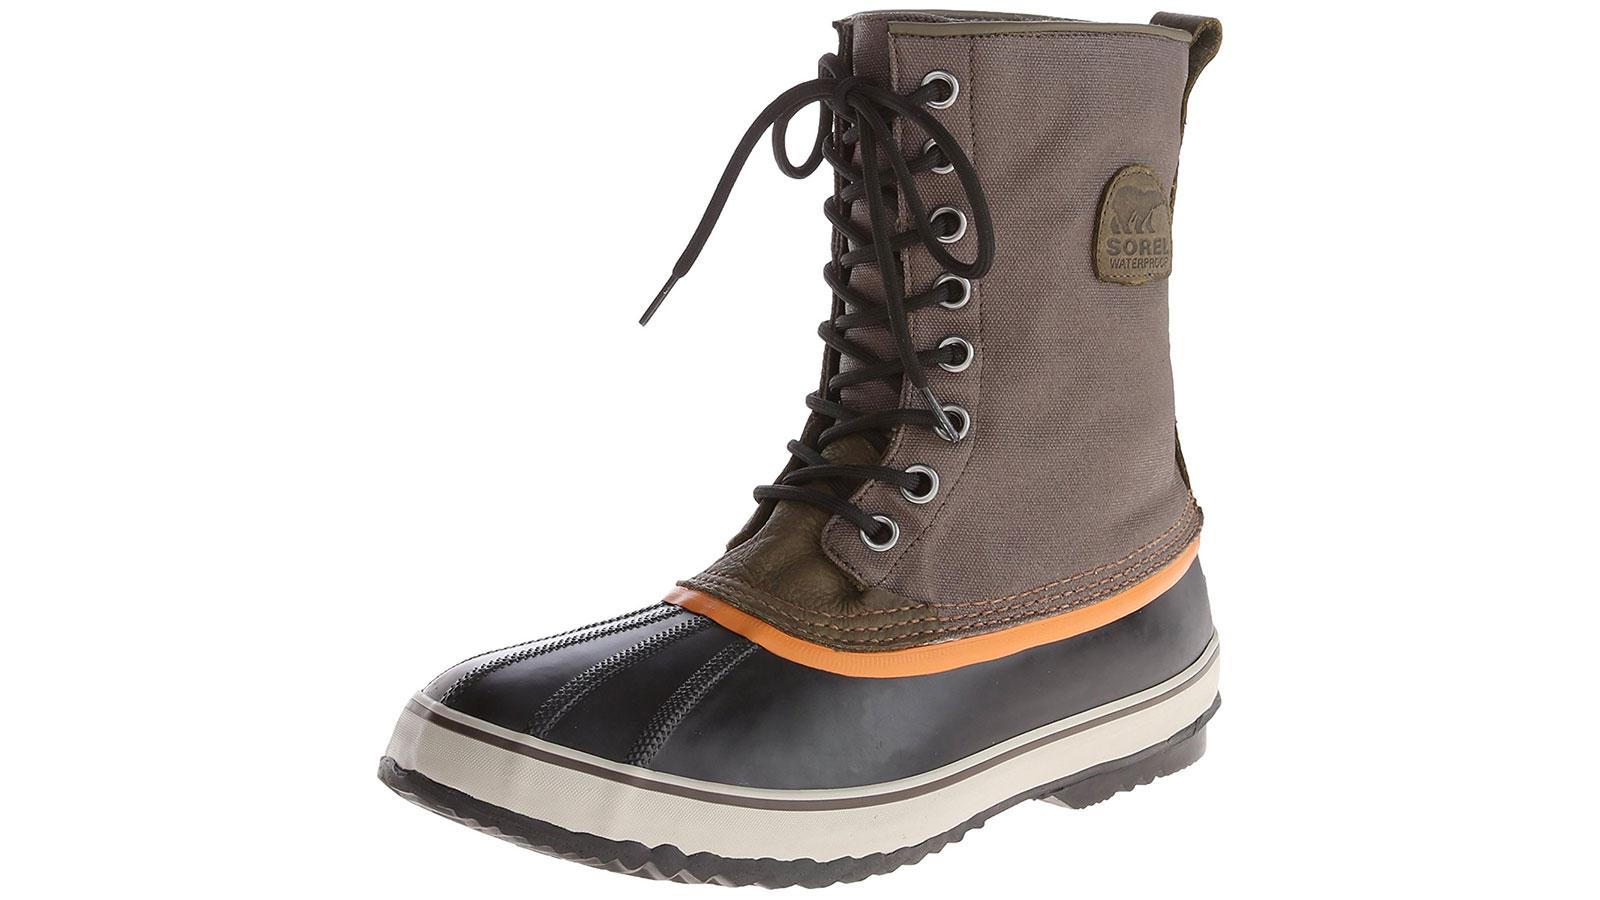 Sorel 1964 Premium CVS Men's Waterproof Boot   the best men's waterproof boots